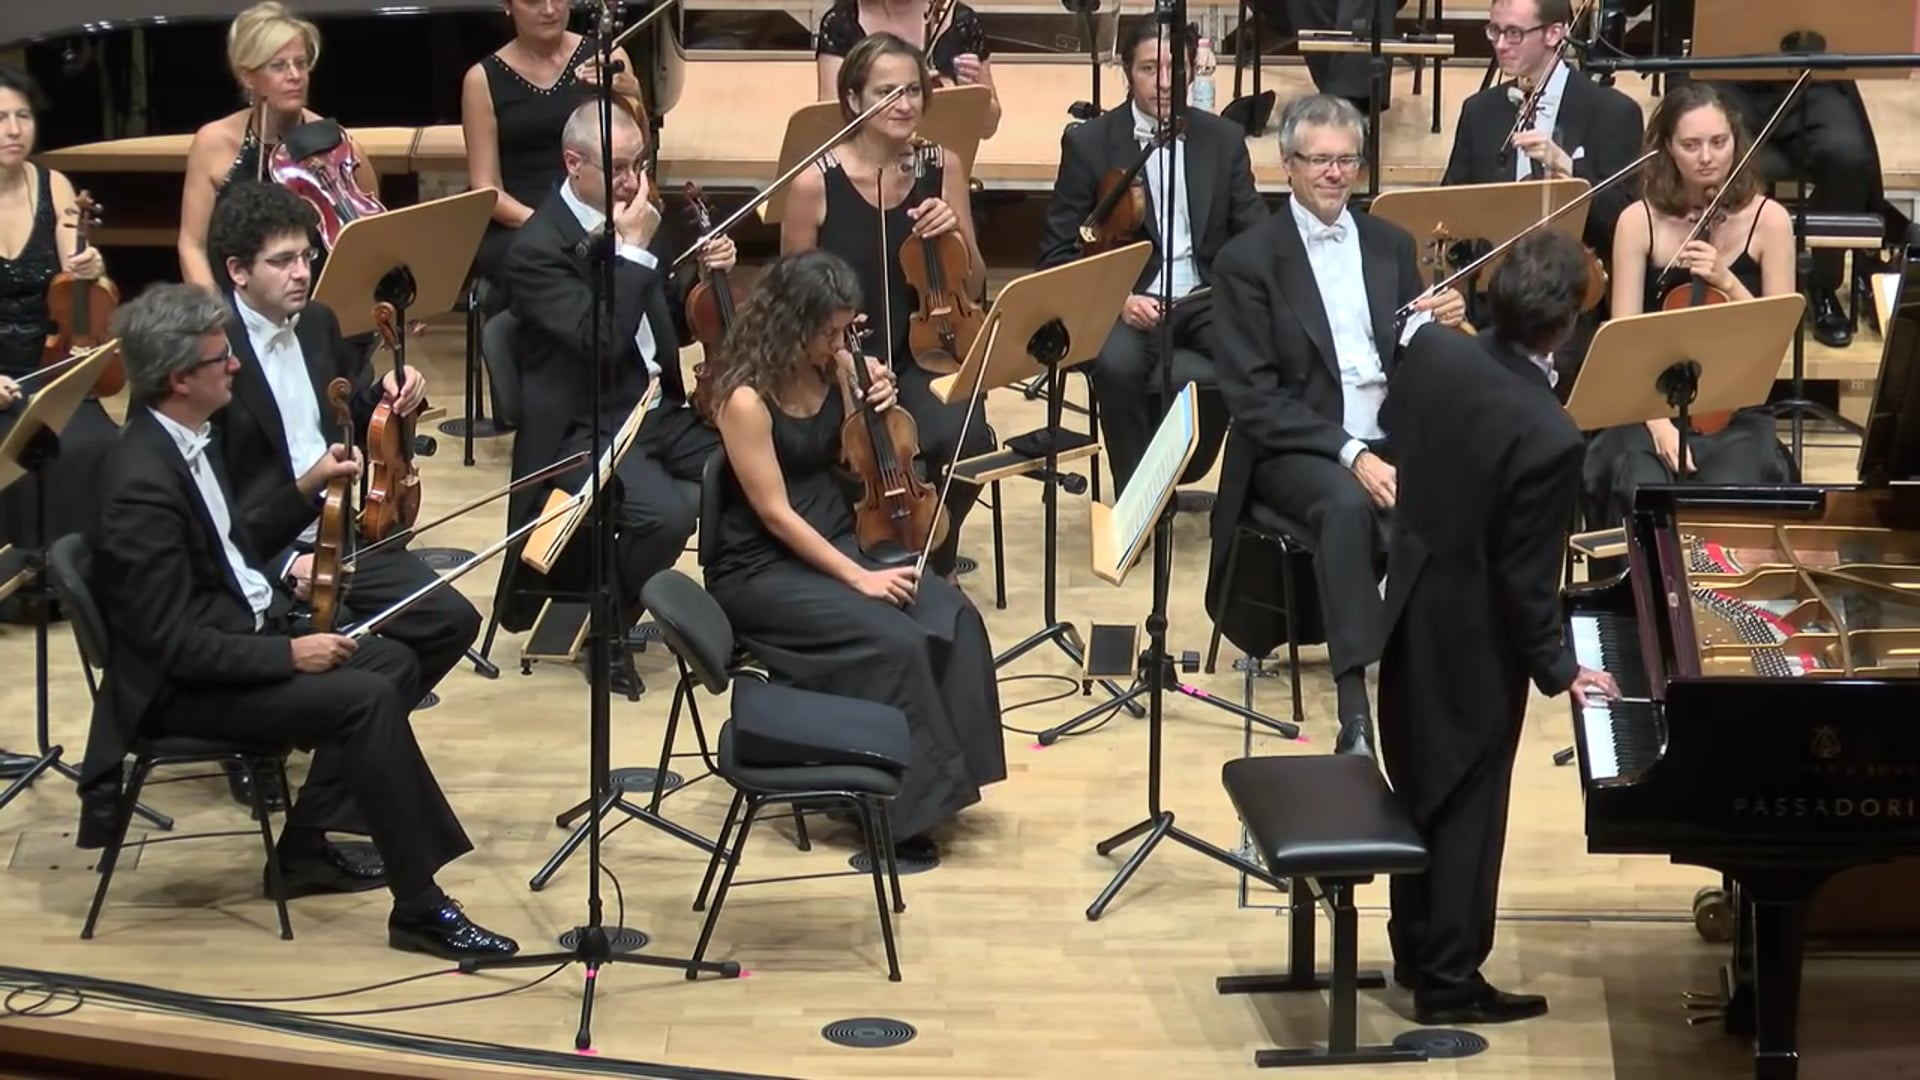 Chloe (Ji-Yeong) Mun - 1st Final Round w Orchestra - 60th F. Busoni International Piano Competition